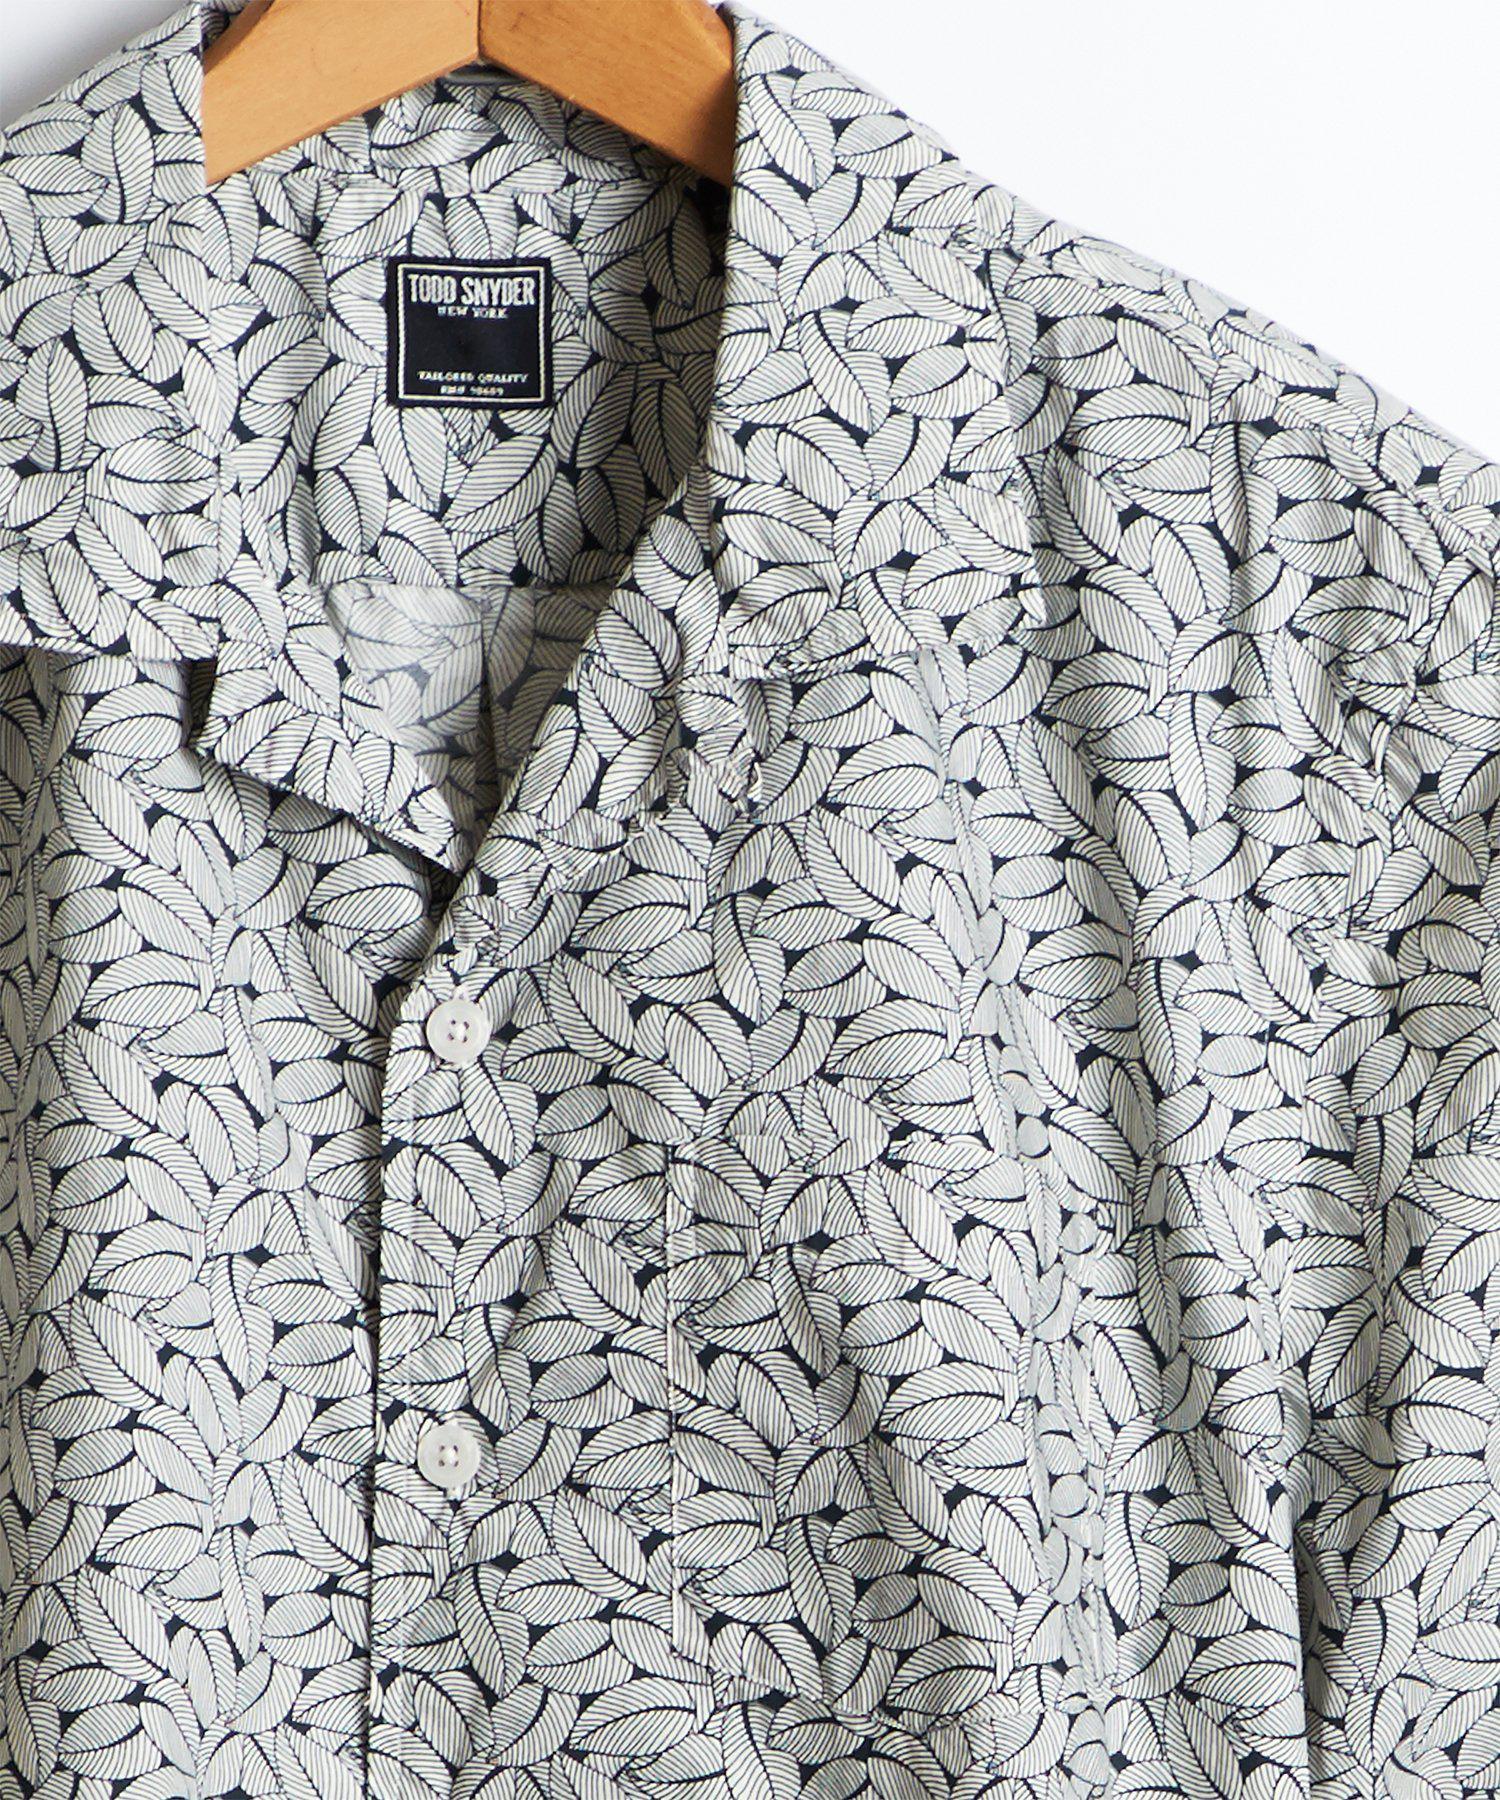 Mens Short Sleeves Oxford Polka Dot Shirts